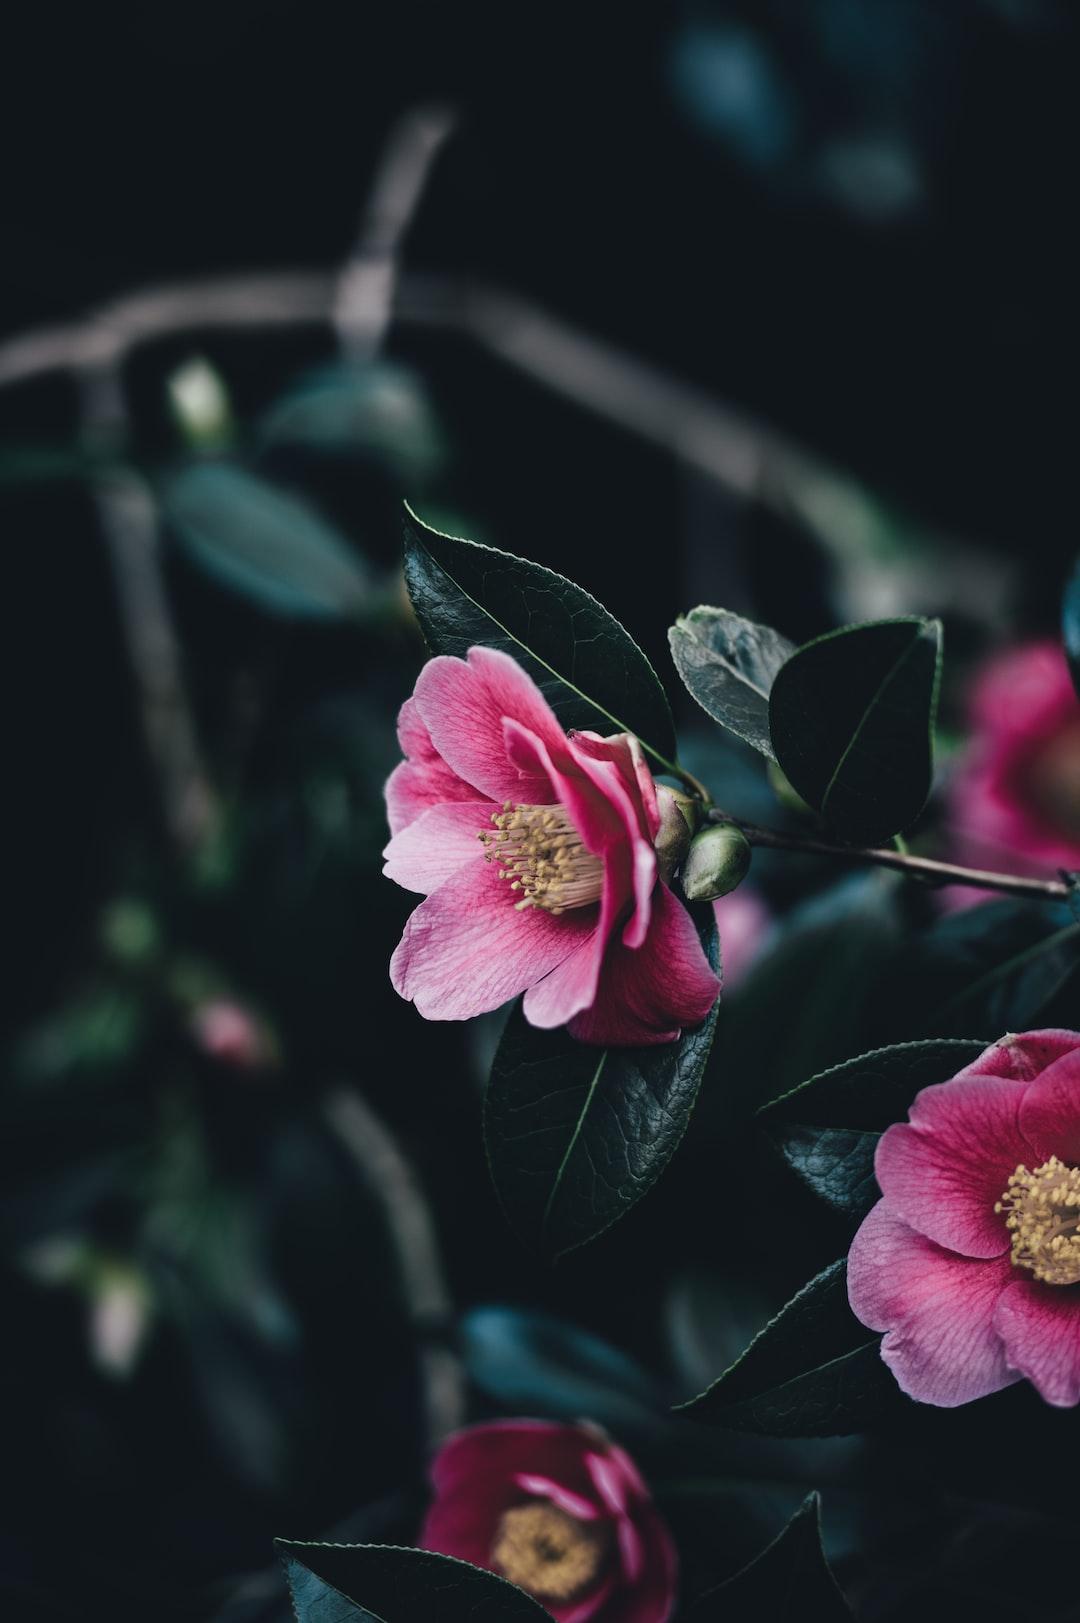 Flower, dark, pink and garden HD photo by Annie Spratt ...